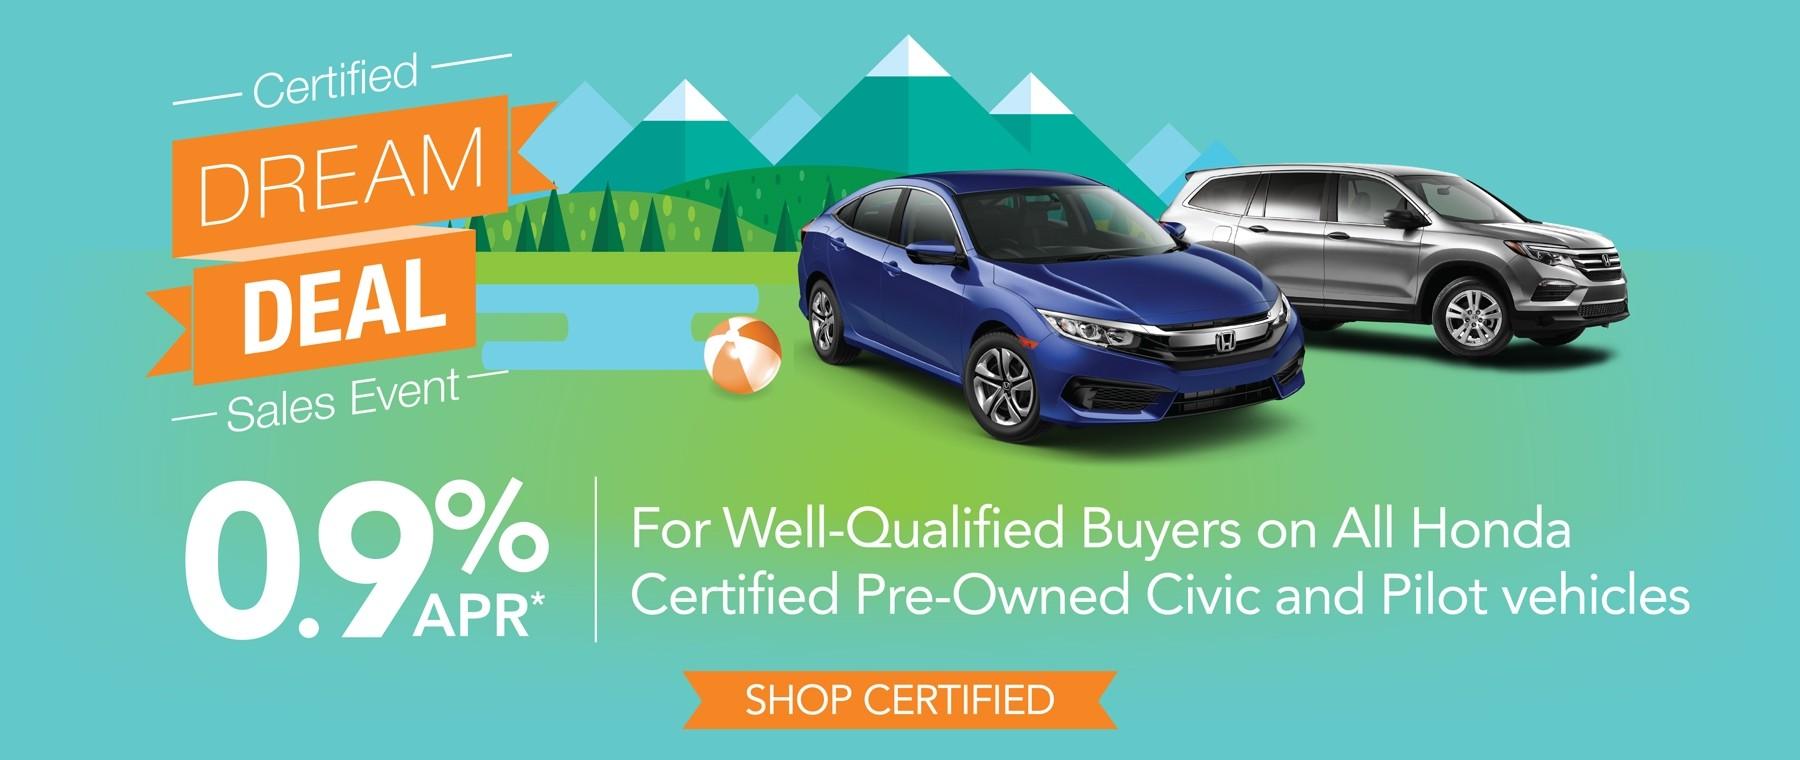 0.9% APR on Certified Honda